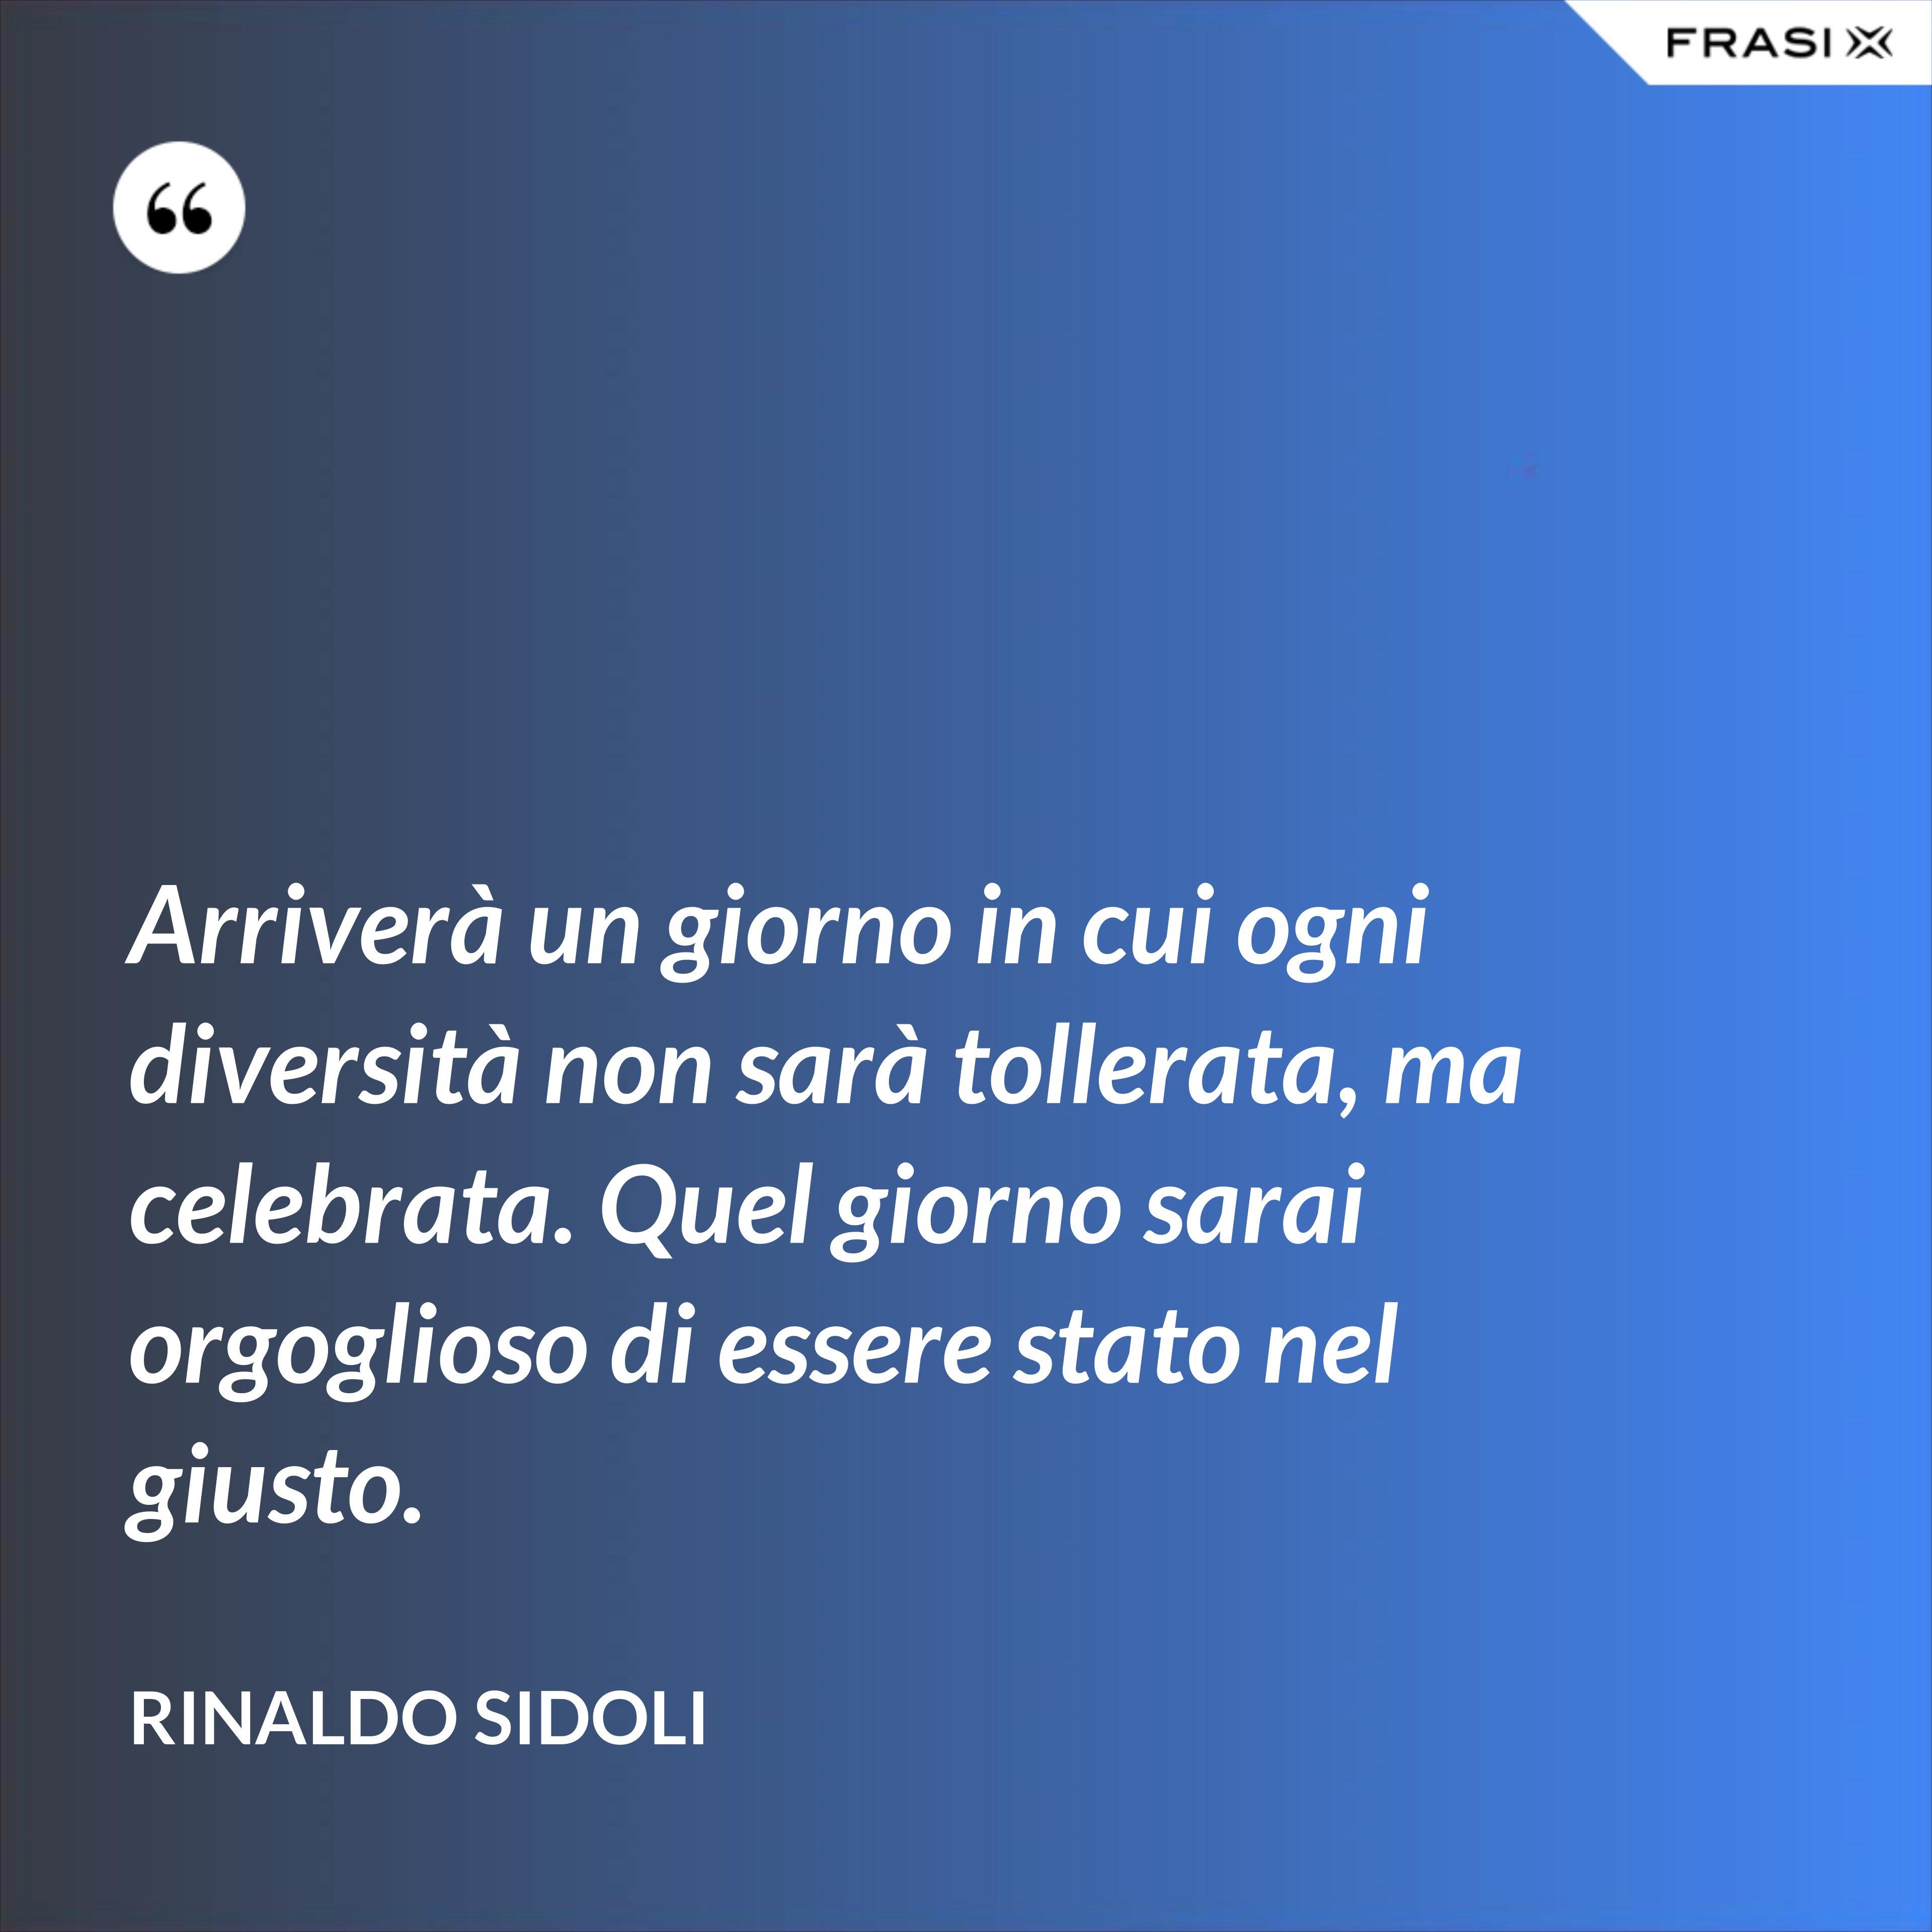 Arriverà un giorno in cui ogni diversità non sarà tollerata, ma celebrata. Quel giorno sarai orgoglioso di essere stato nel giusto. - Rinaldo Sidoli